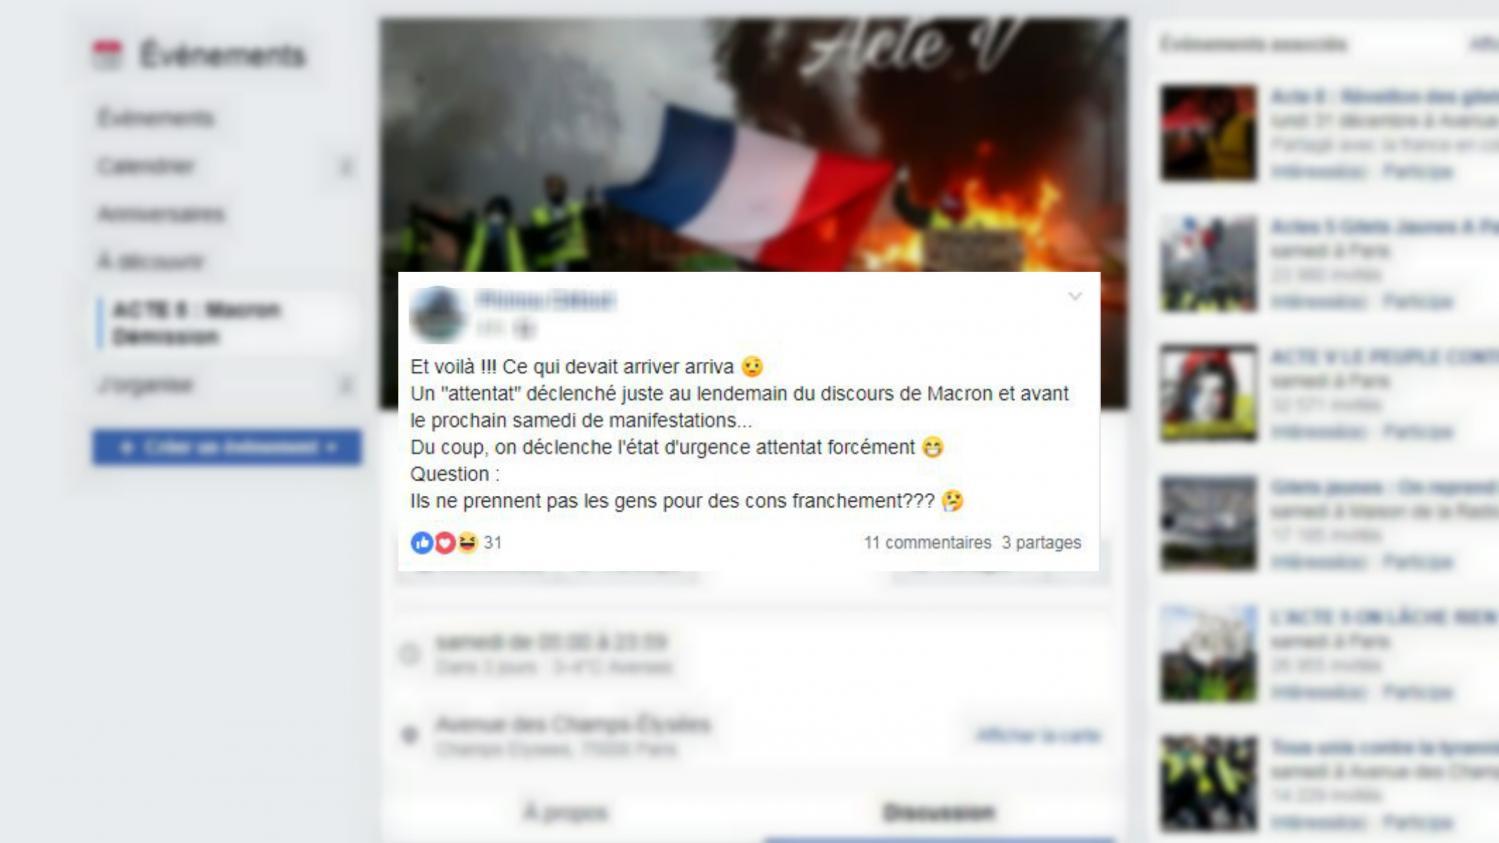 Attentat Facebook